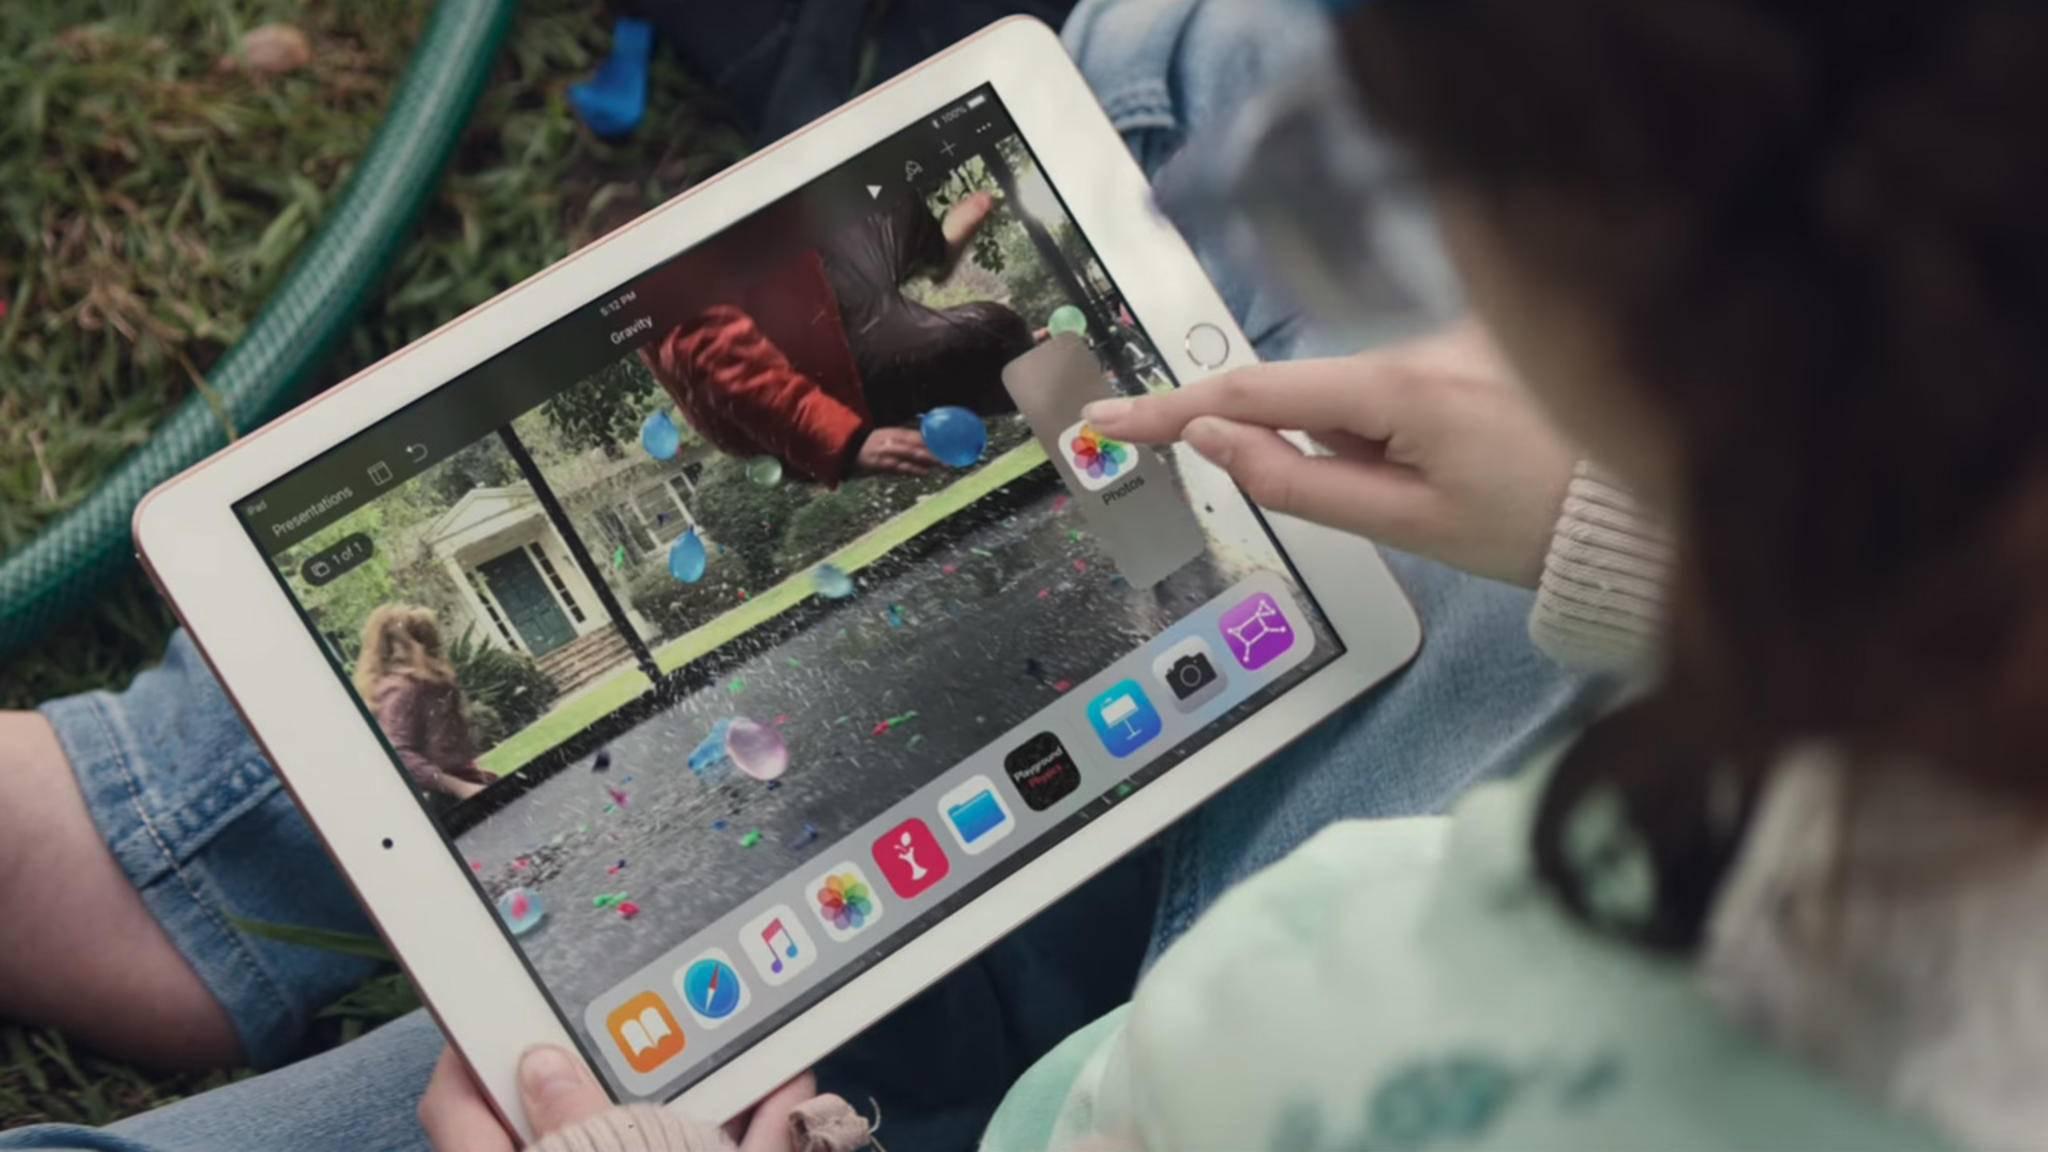 Apple bewirbt sein iPad mit einem Retina-Display - aber was ist das überhaupt?